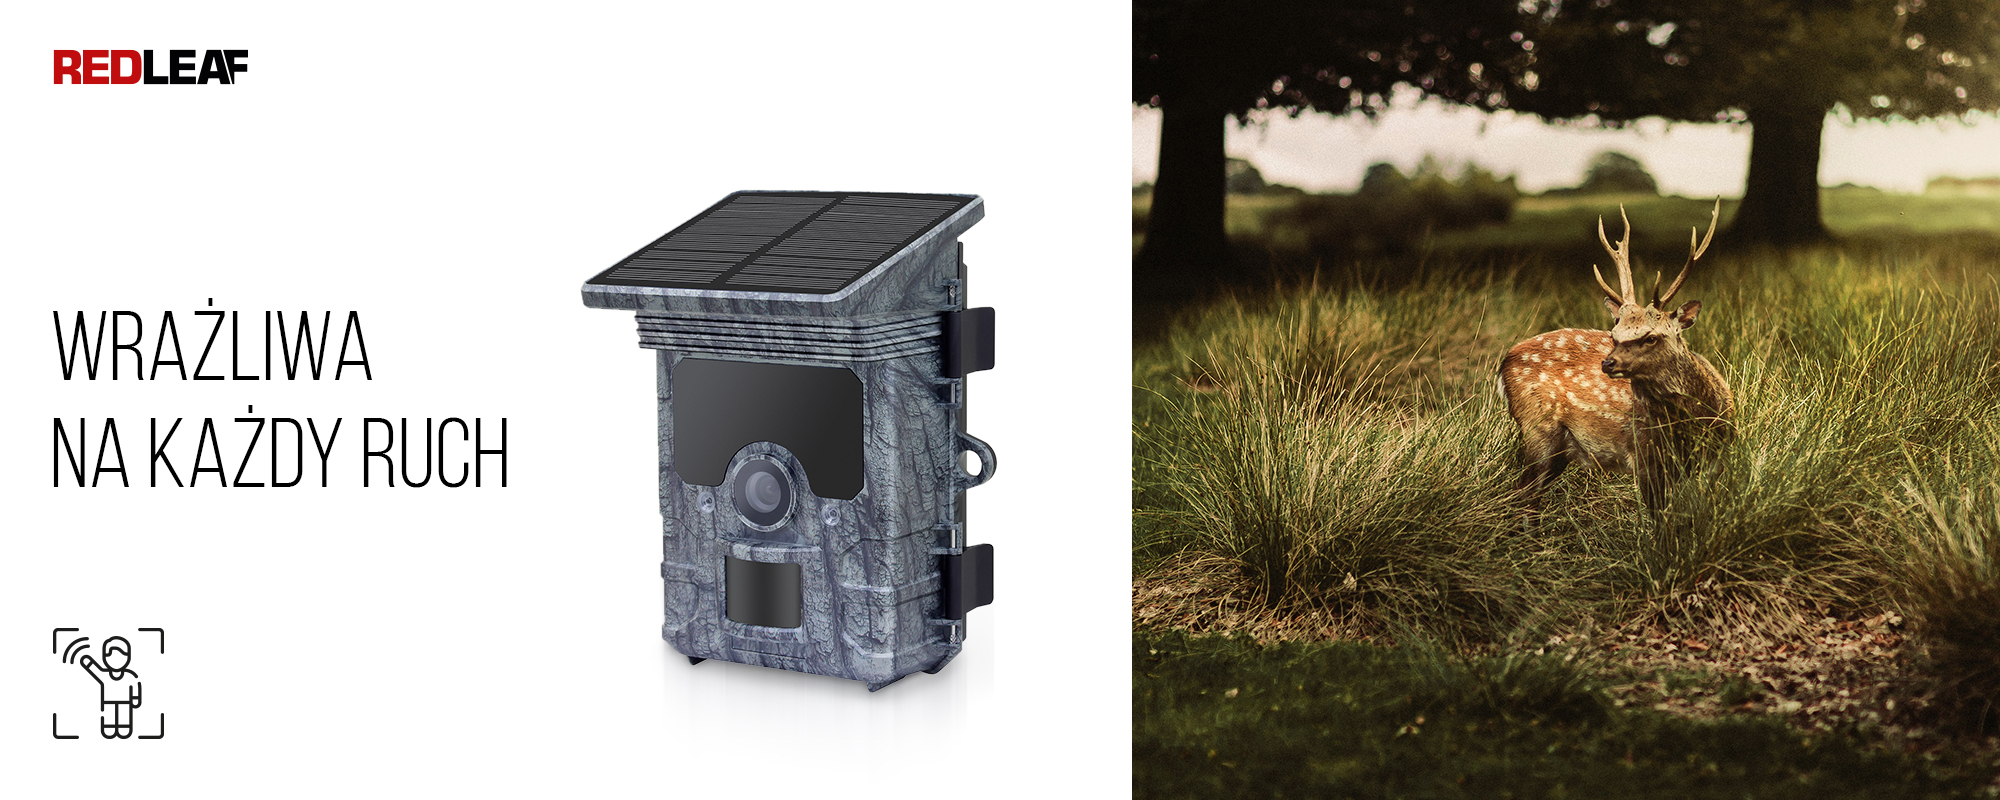 Kamera obserwacyjna z panelem słonecznym Redleaf RD7000 WiFi oraz rogacz ukrywający się w trawie na tle drzew